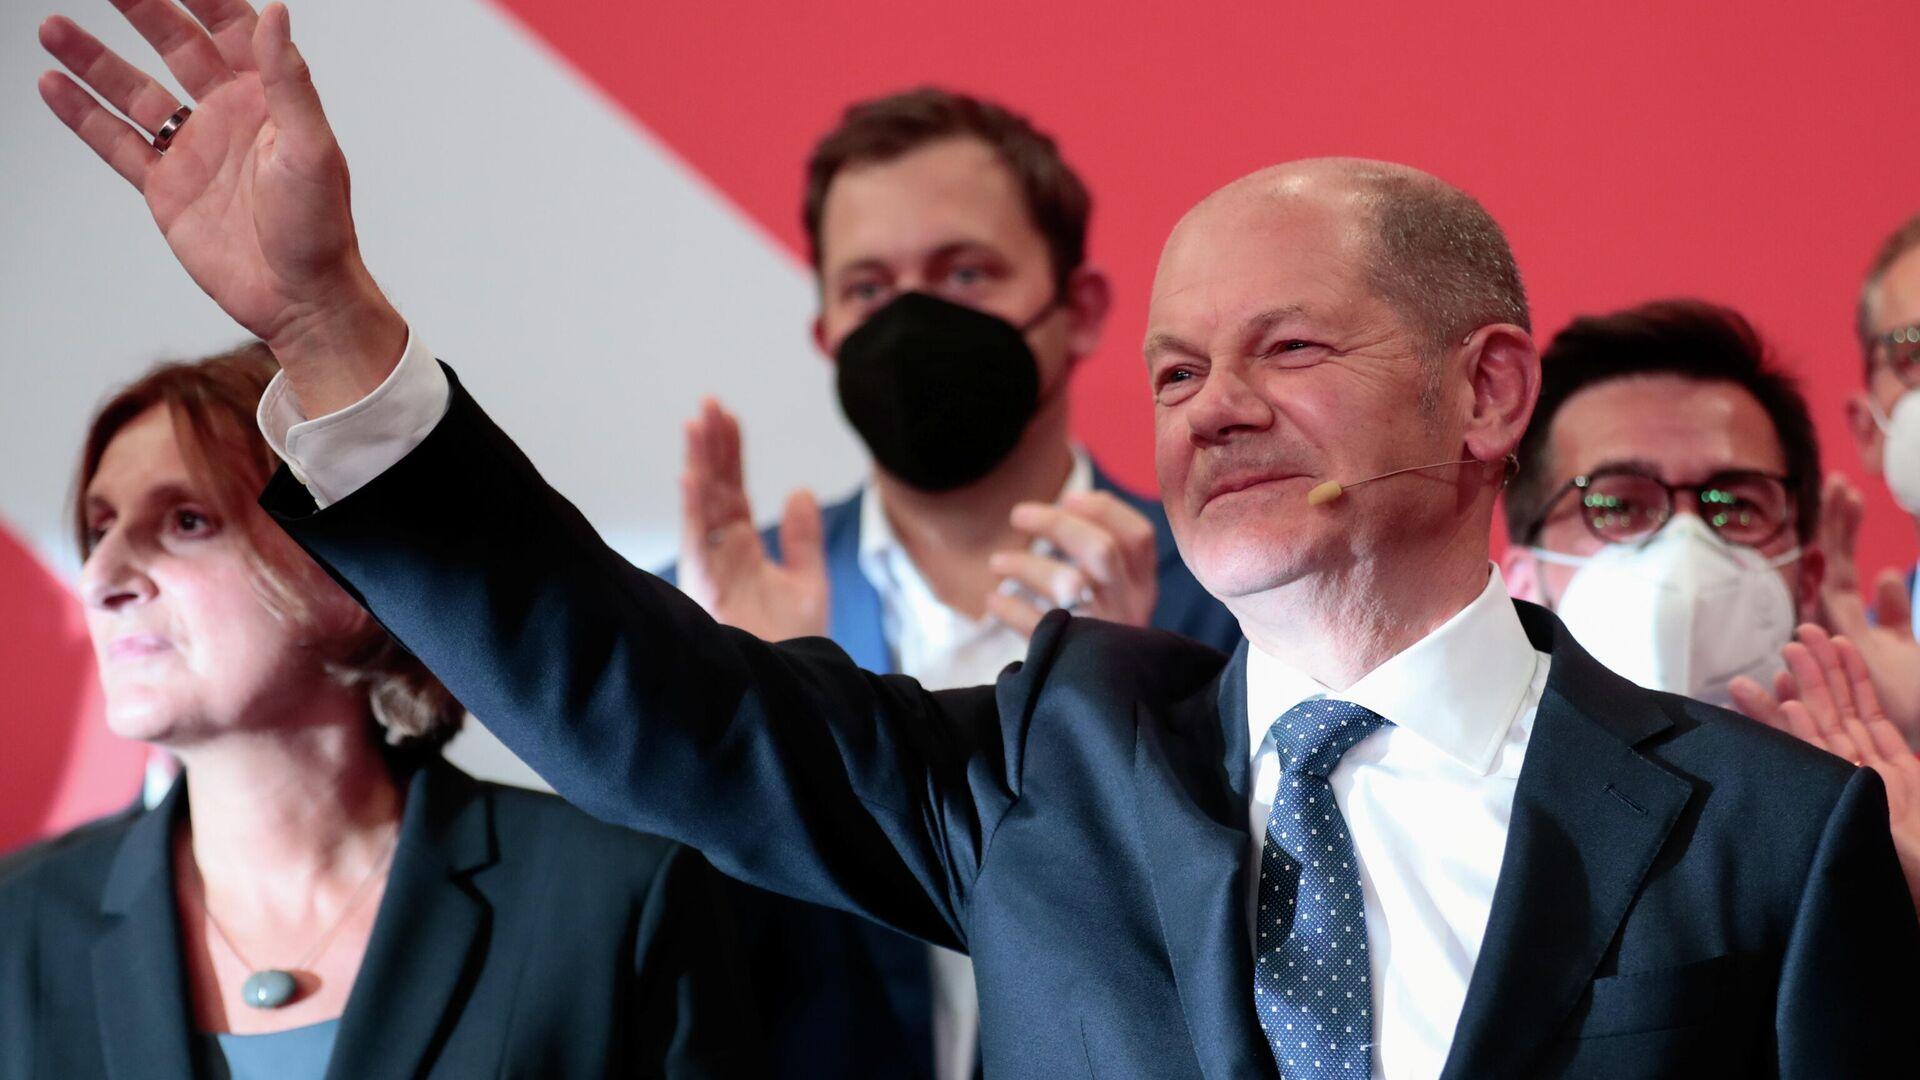 Alman seçim kurulunun yaptığı açıklamaya göre Maliye Bakanı Olaf Scholz'u başbakan adayı gösteren Sosyal Demokrat Parti (SPD), genel seçimlerde oyların yüzde 25.7'sini alarak seçimi birinci bitirdi.  - Sputnik Türkiye, 1920, 26.09.2021